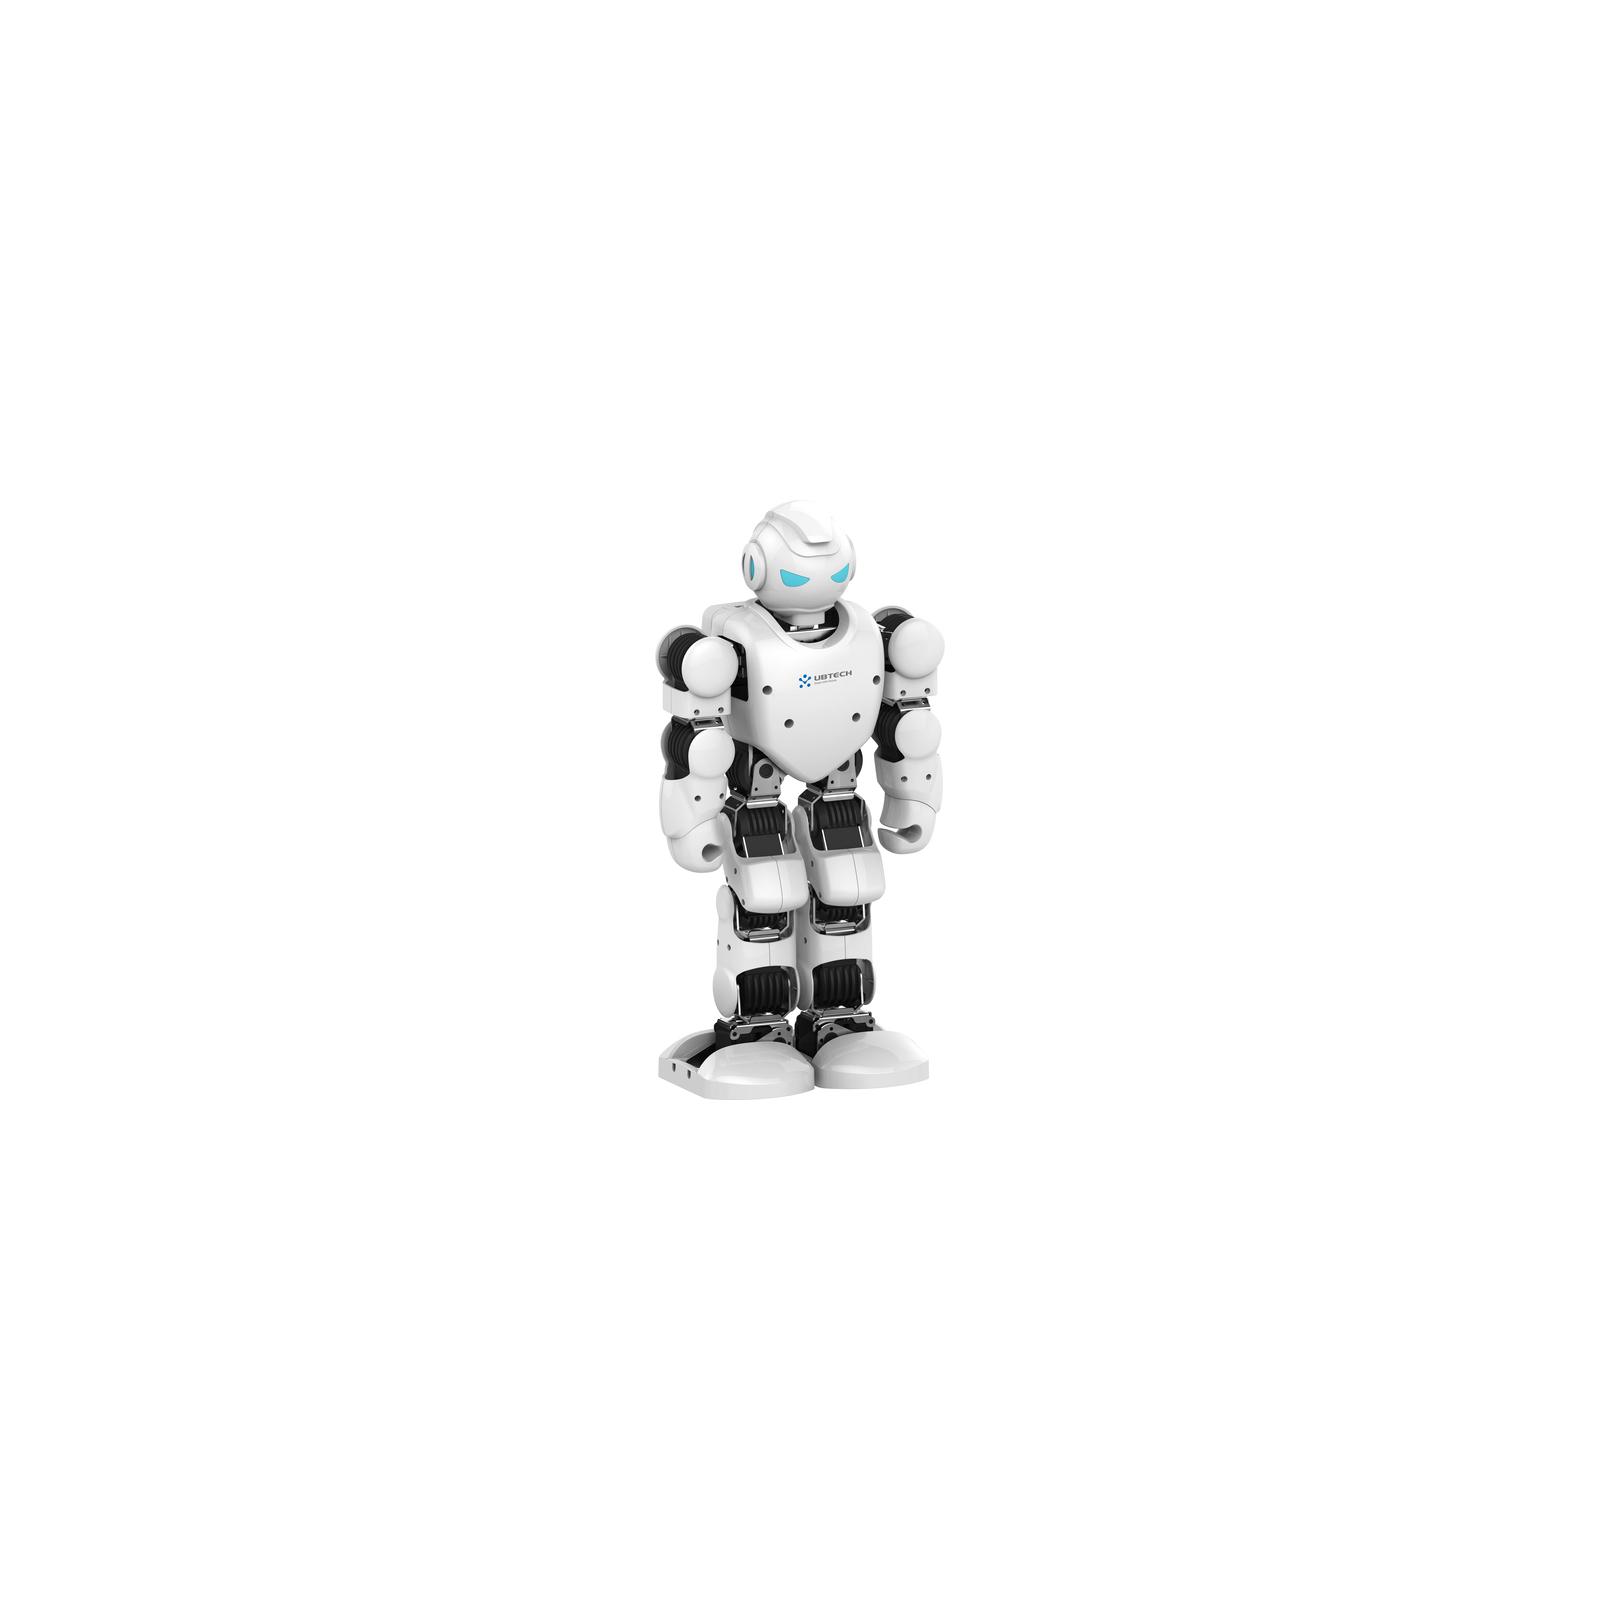 Робот Ubtech Alpha 1Pro изображение 10